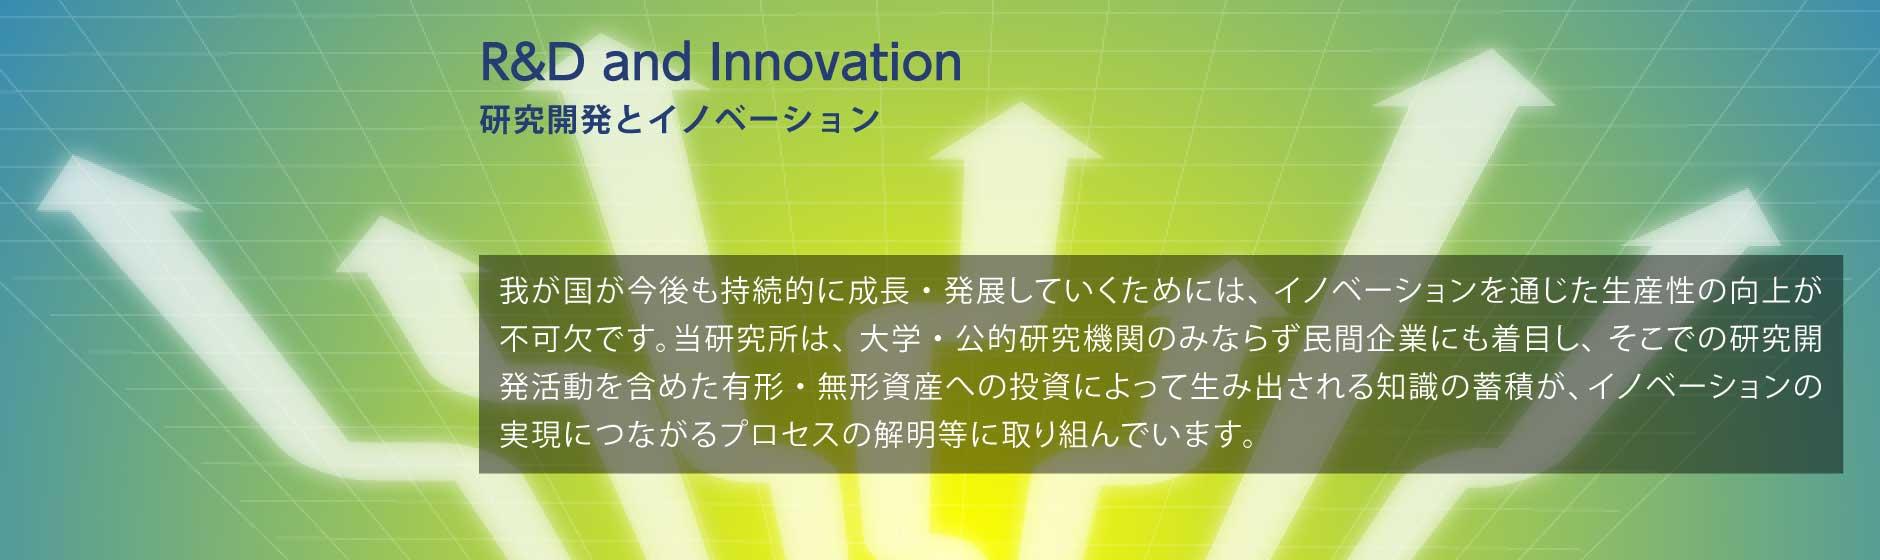 研究開発とイノベーション